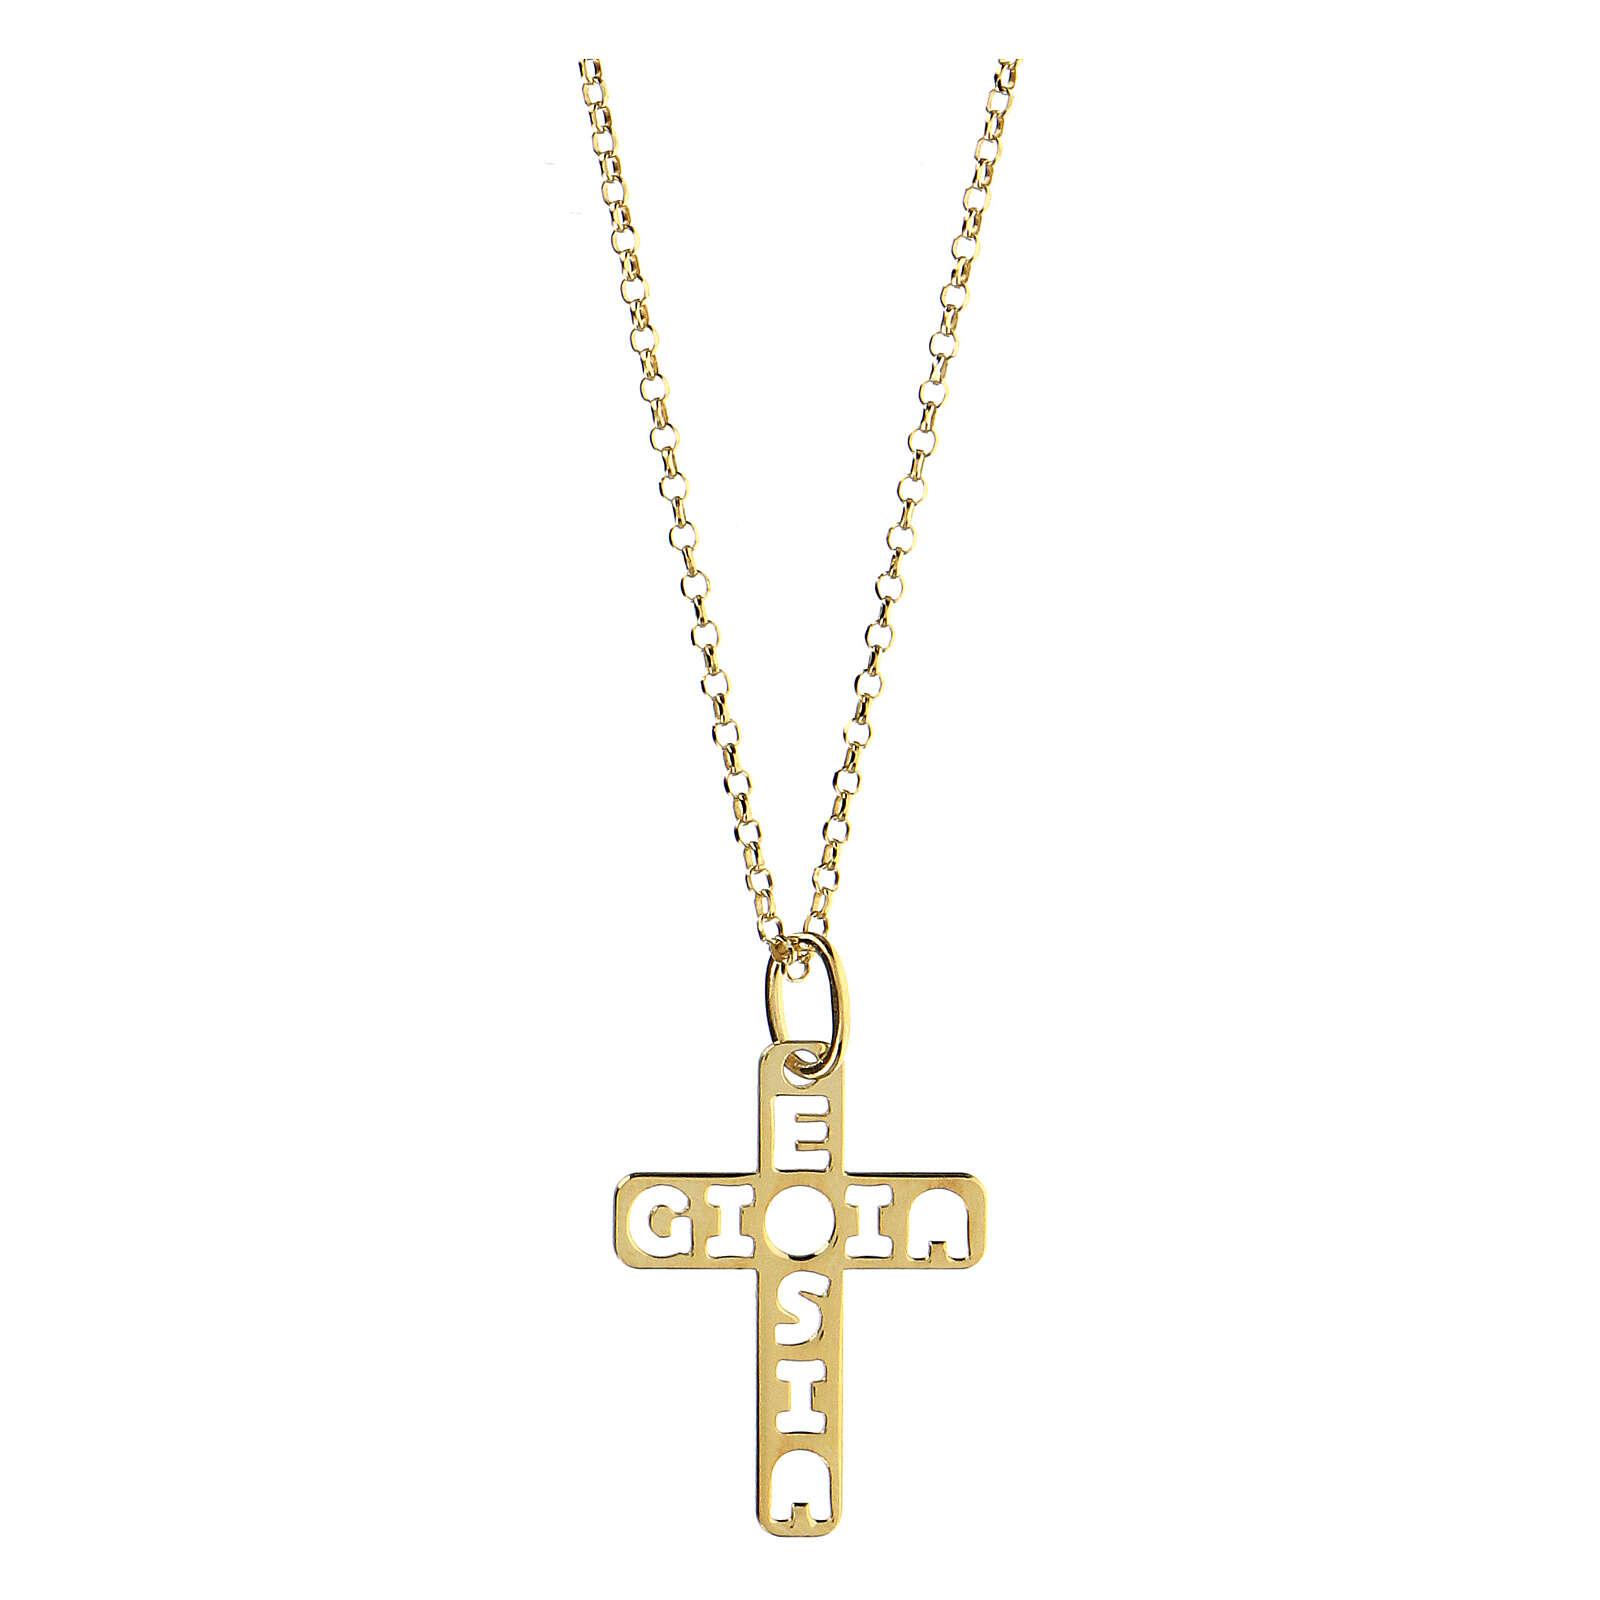 Pendente croce dorata E Gioia Sia argento 925 grande 4